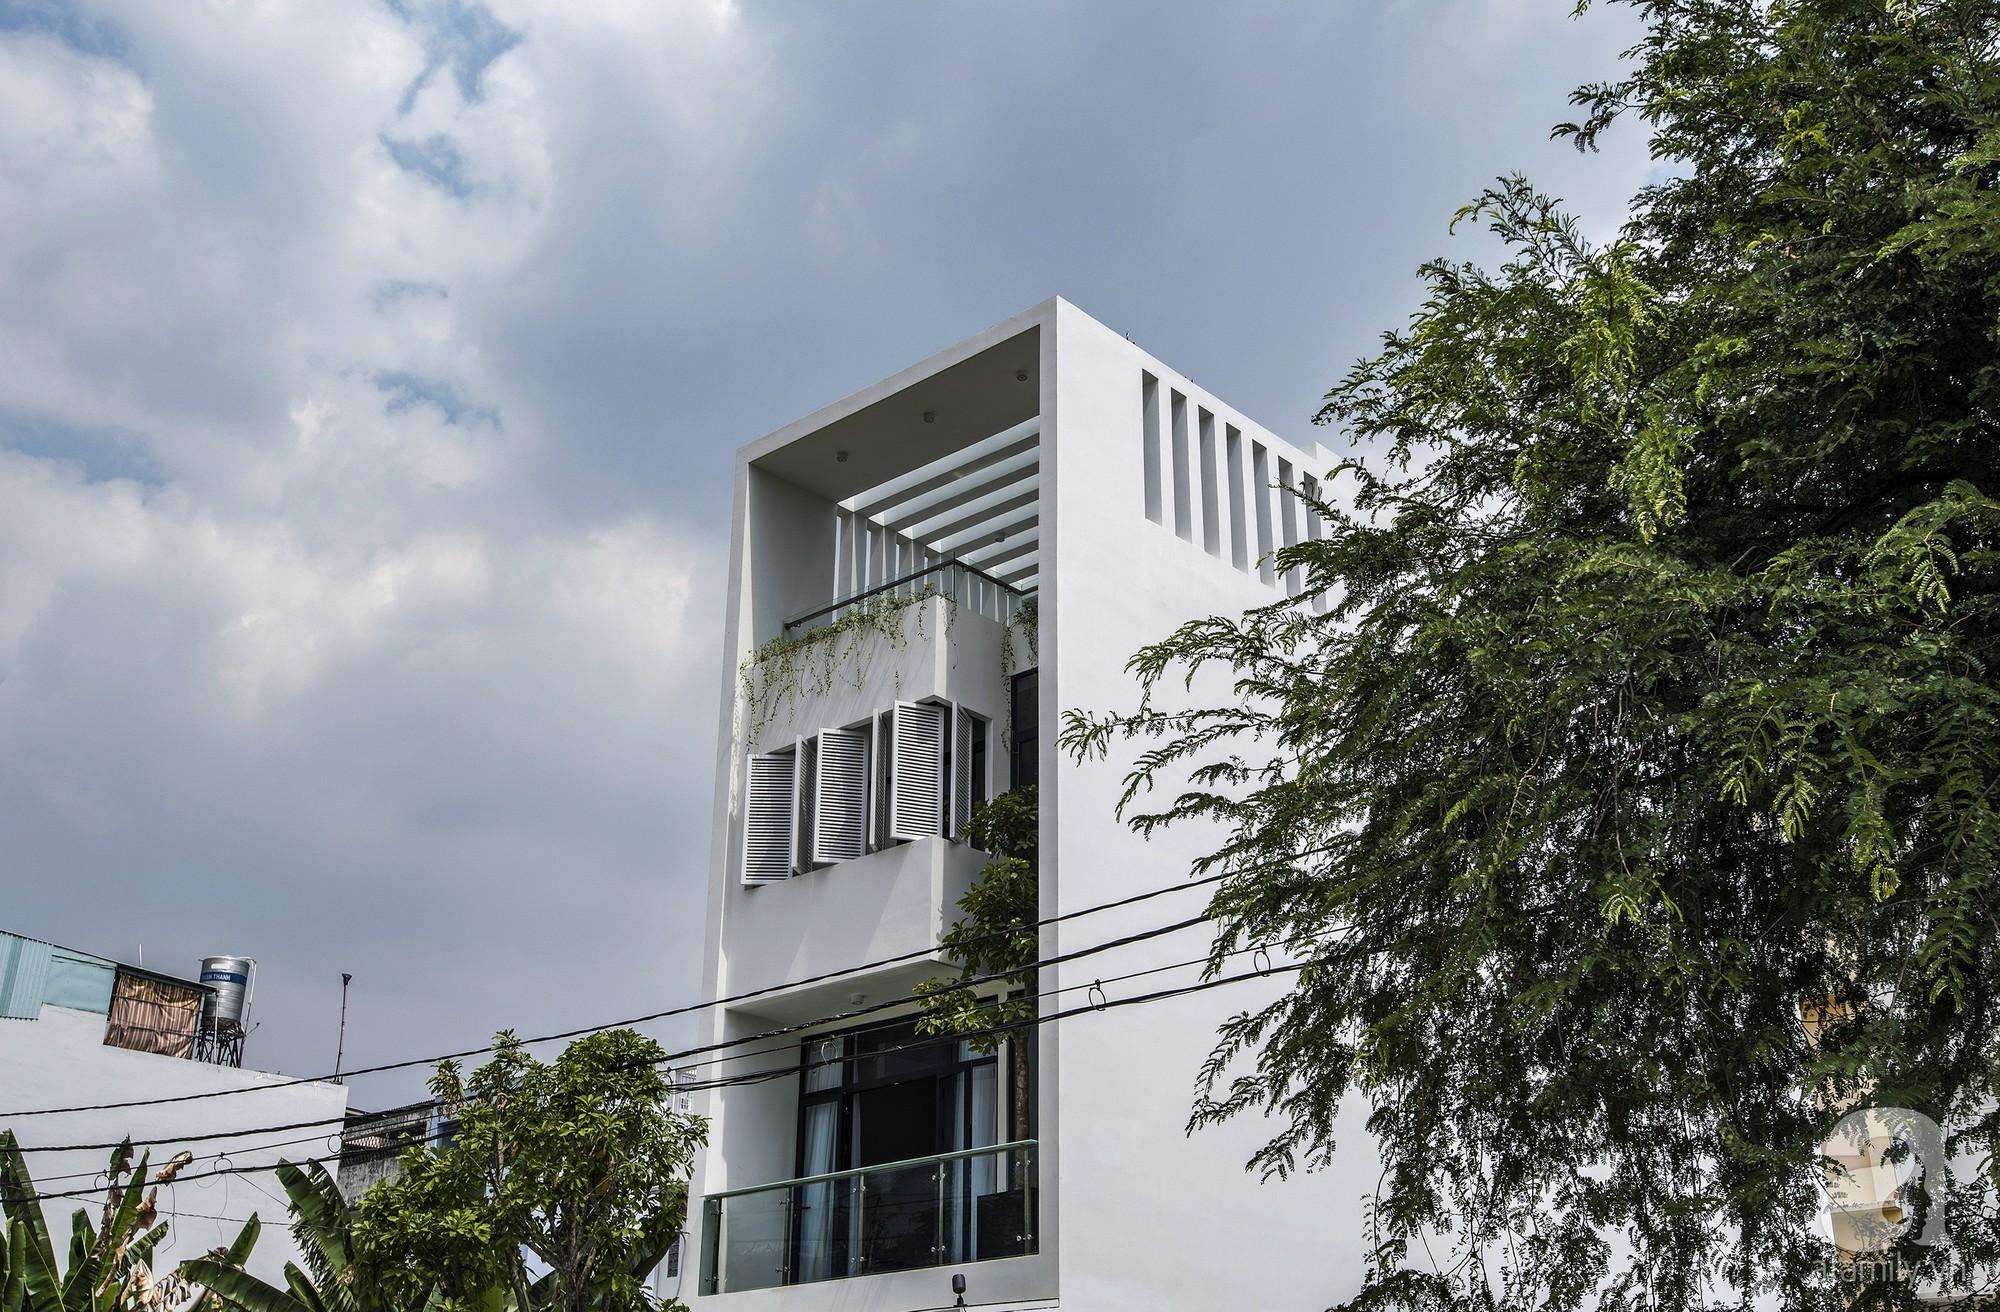 Ngôi nhà ống xanh ngát xanh bất chấp sự chật hẹp giữa phố phường Sài Gòn - Hình 2